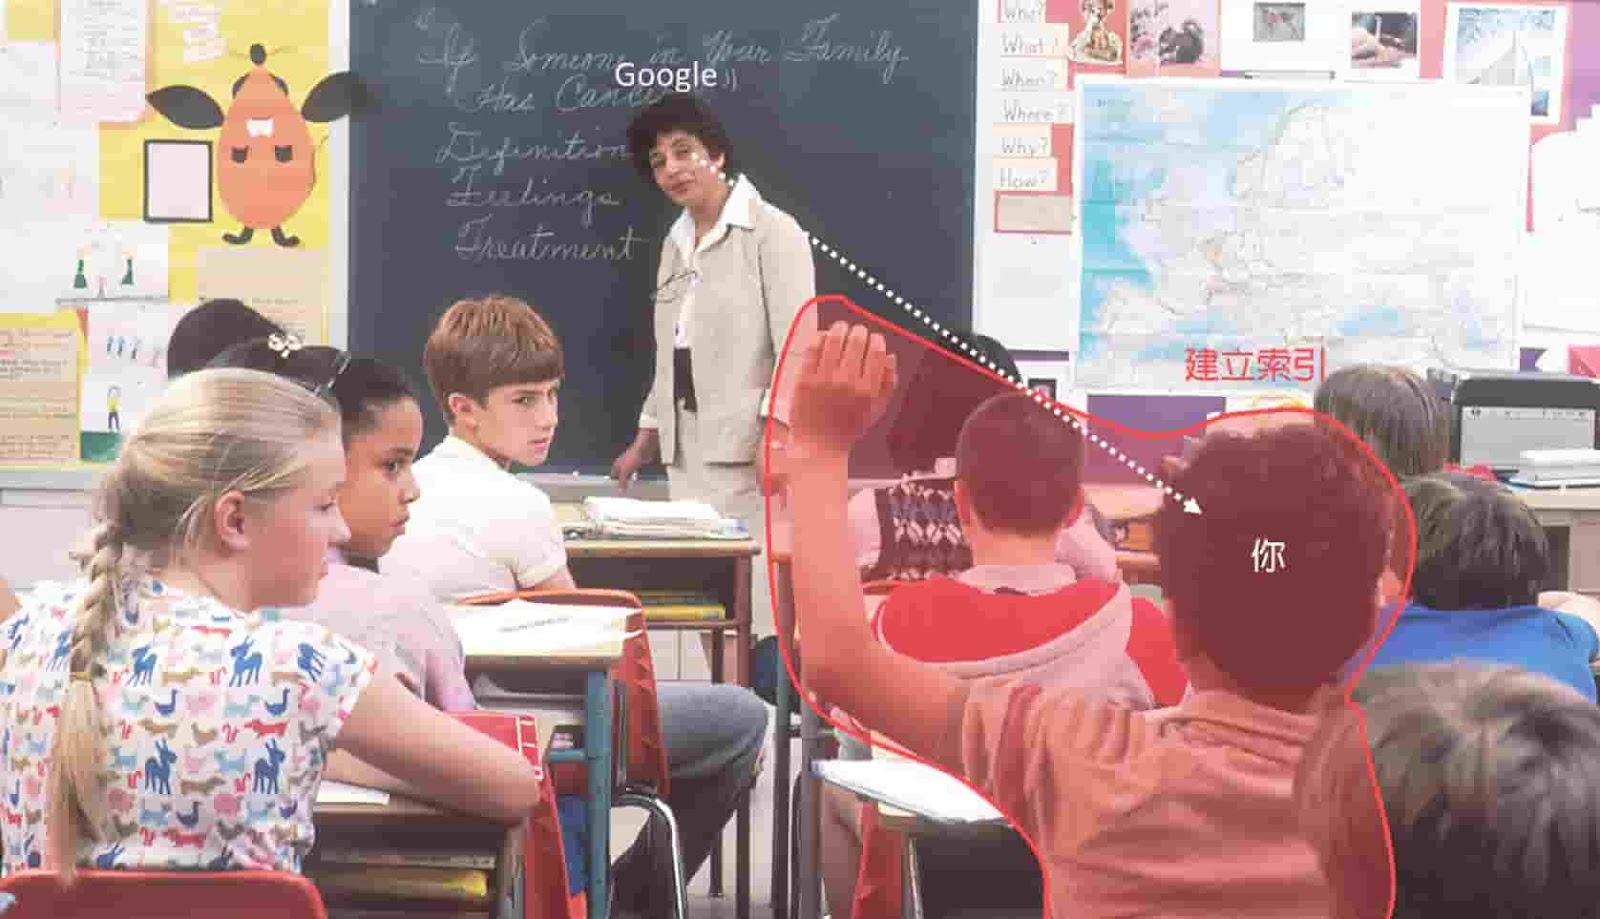 google search console 教學